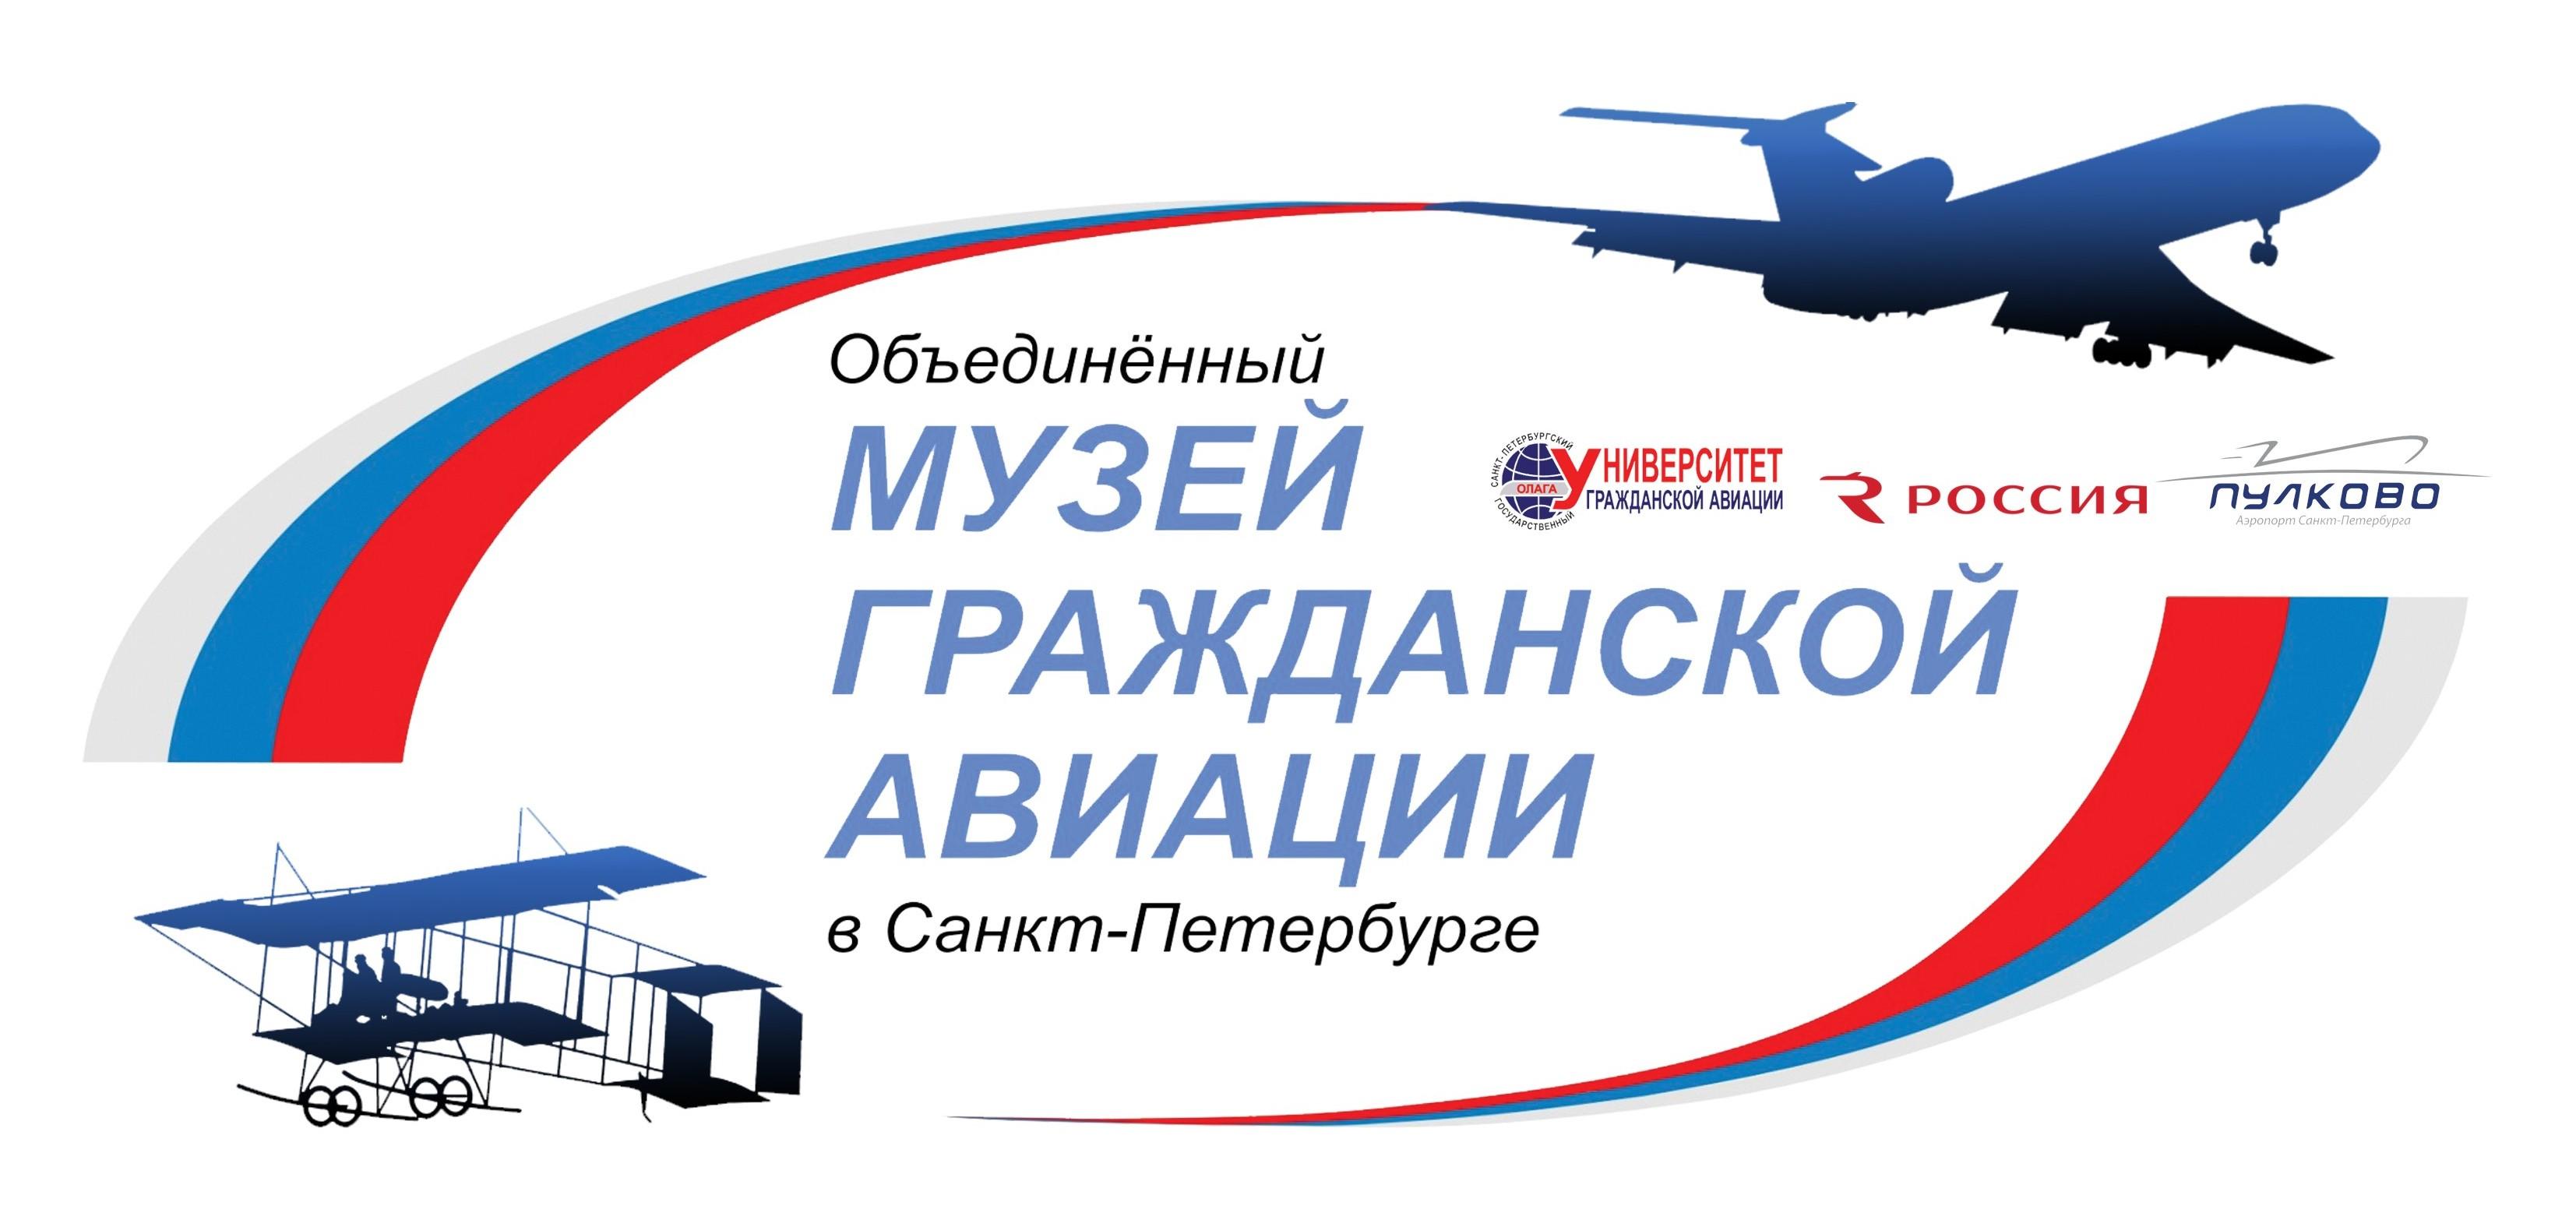 Музей гражданской авиации в Санкт-Петербурге